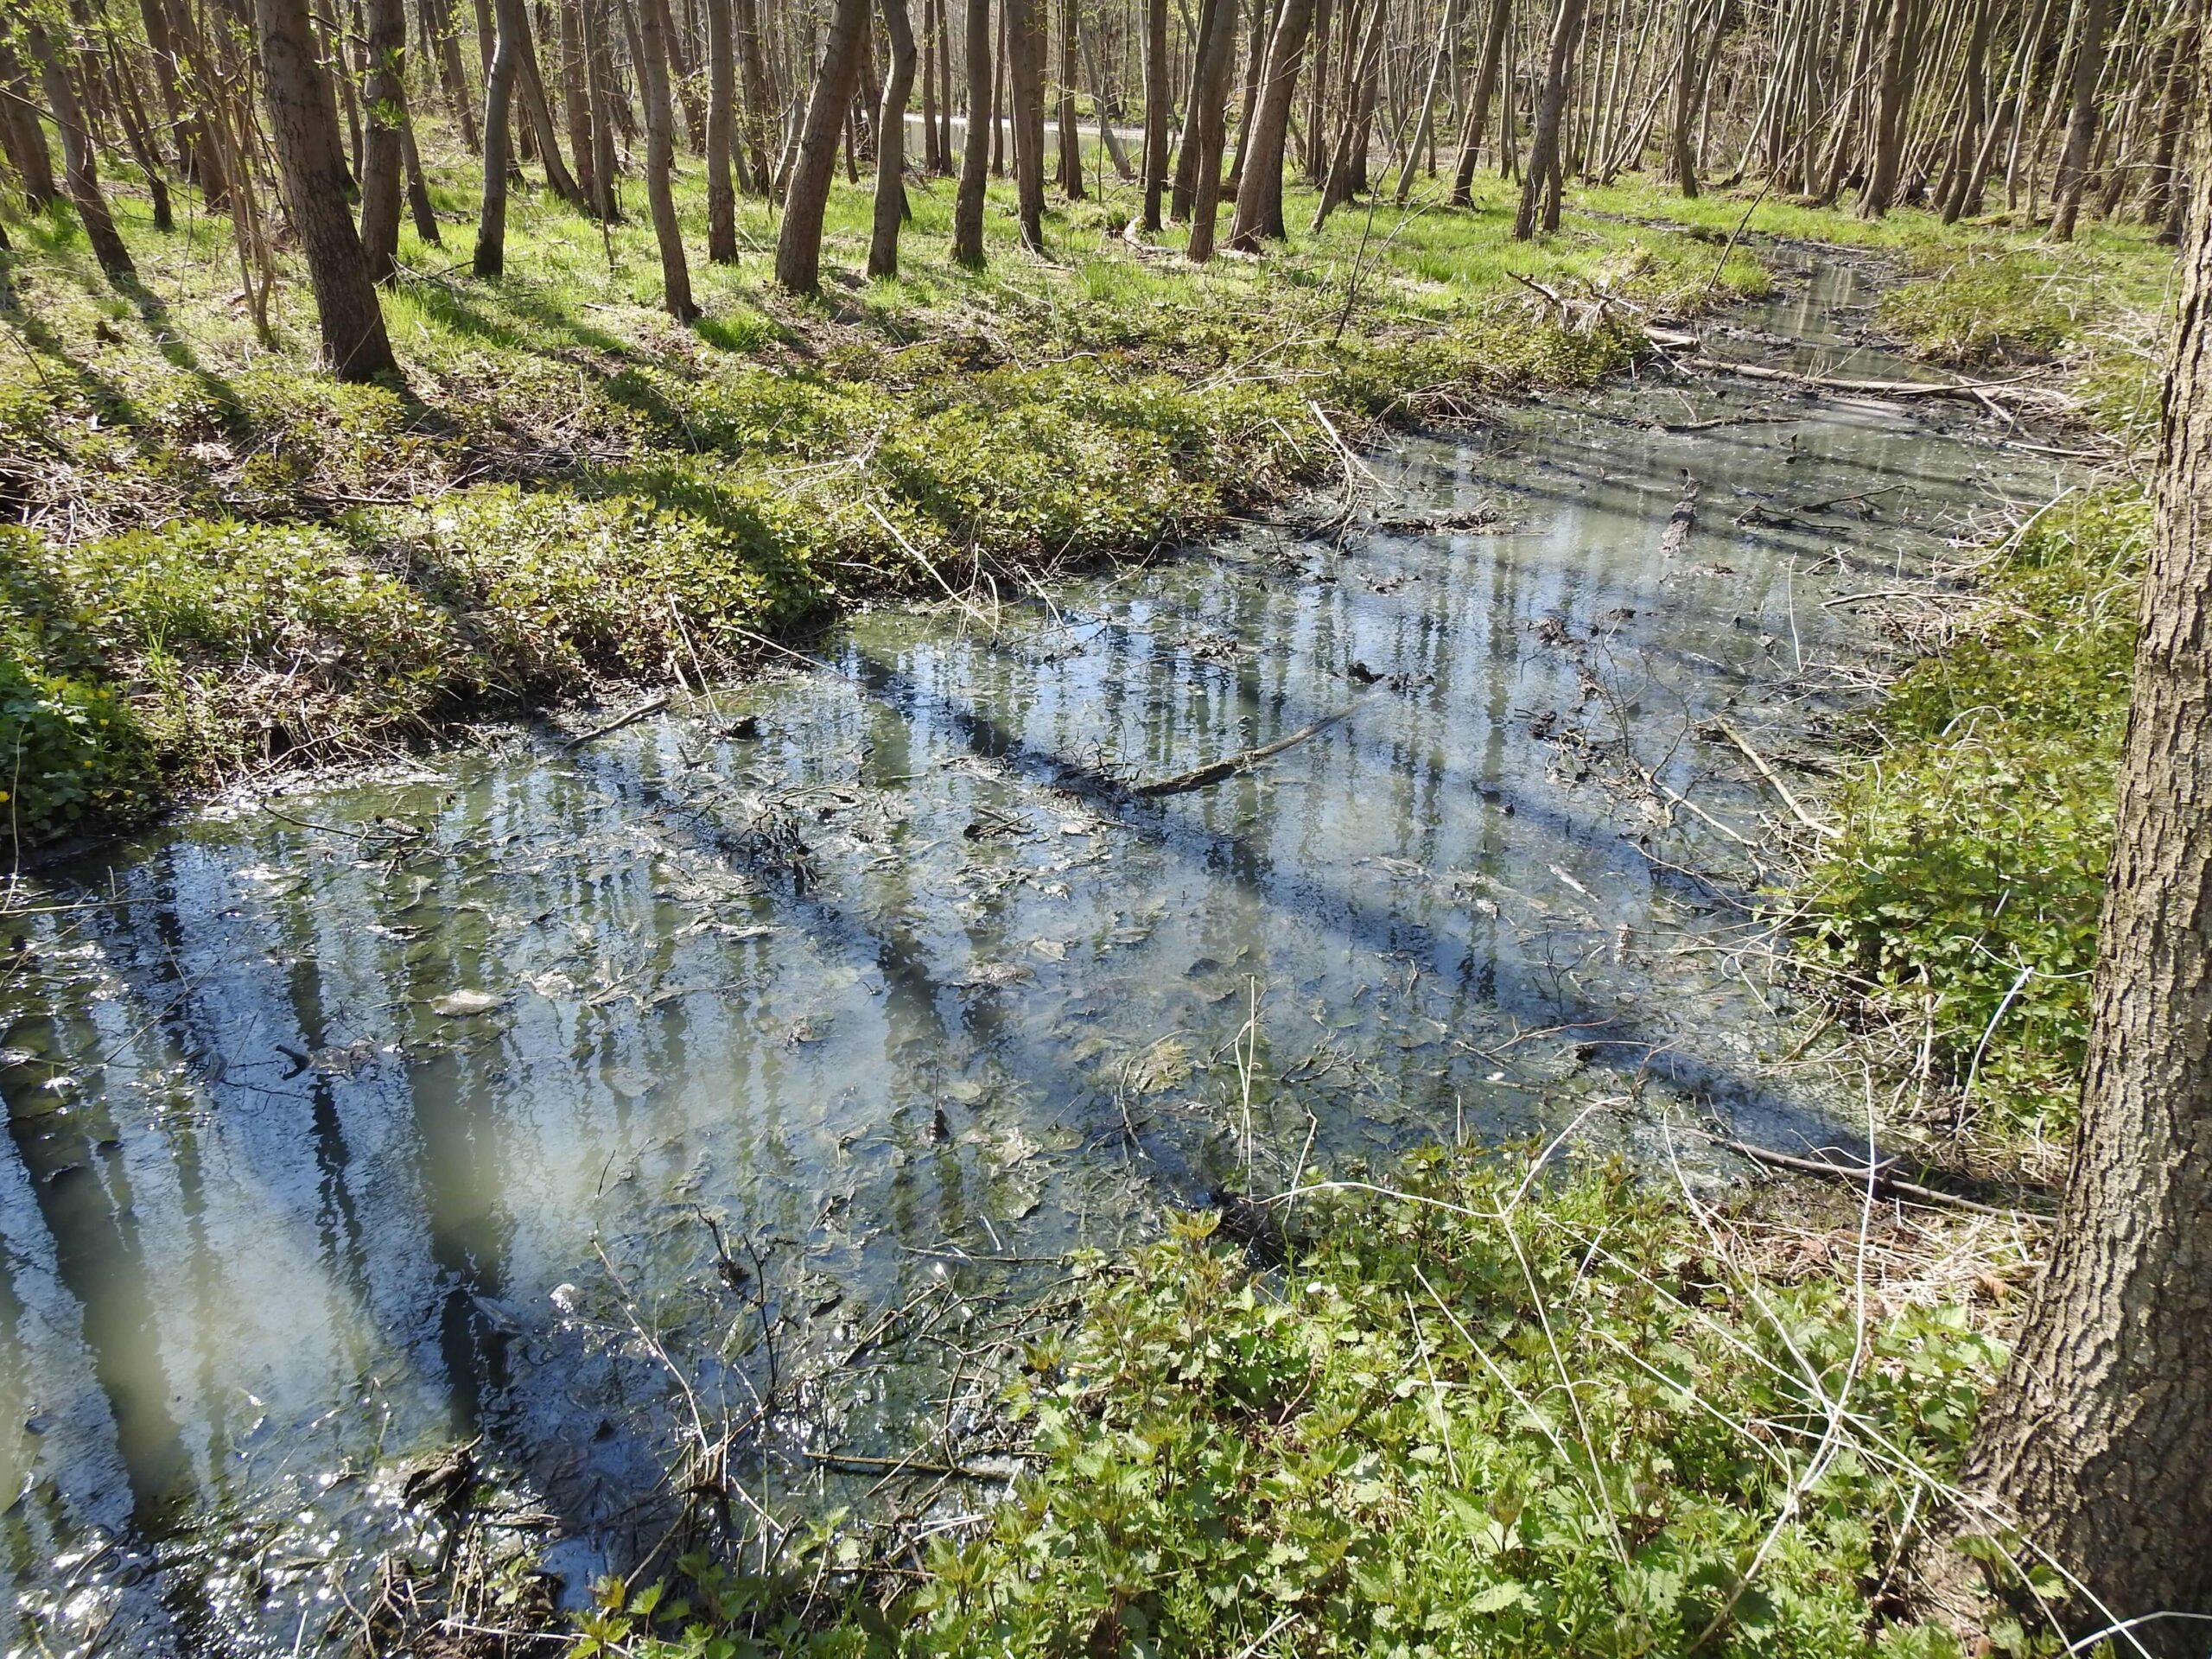 Zrzut ścieków do zbiornika wodnego w Krąplewicach